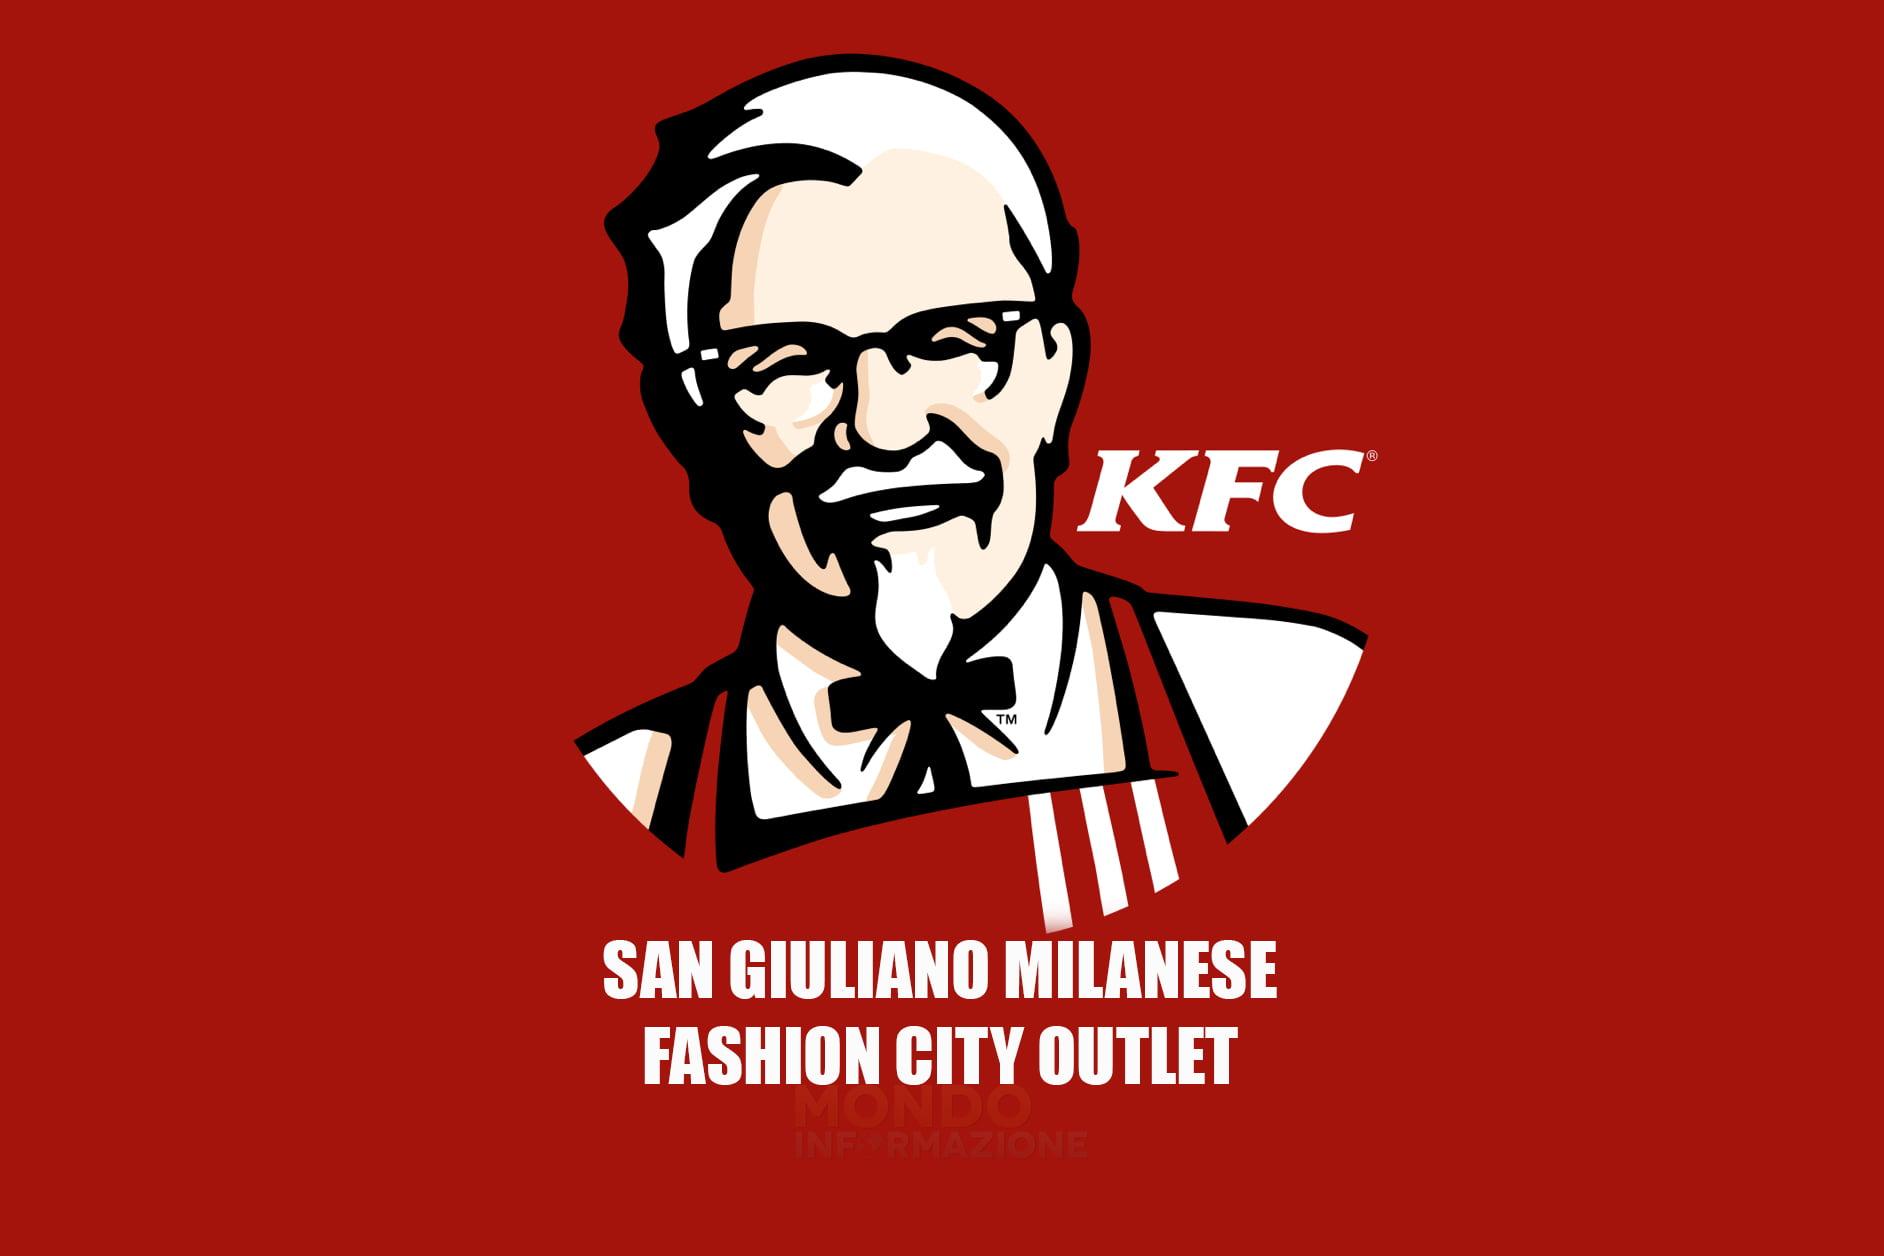 KFC a San Giuliano Milanese e cambiano gli orari dei negozi